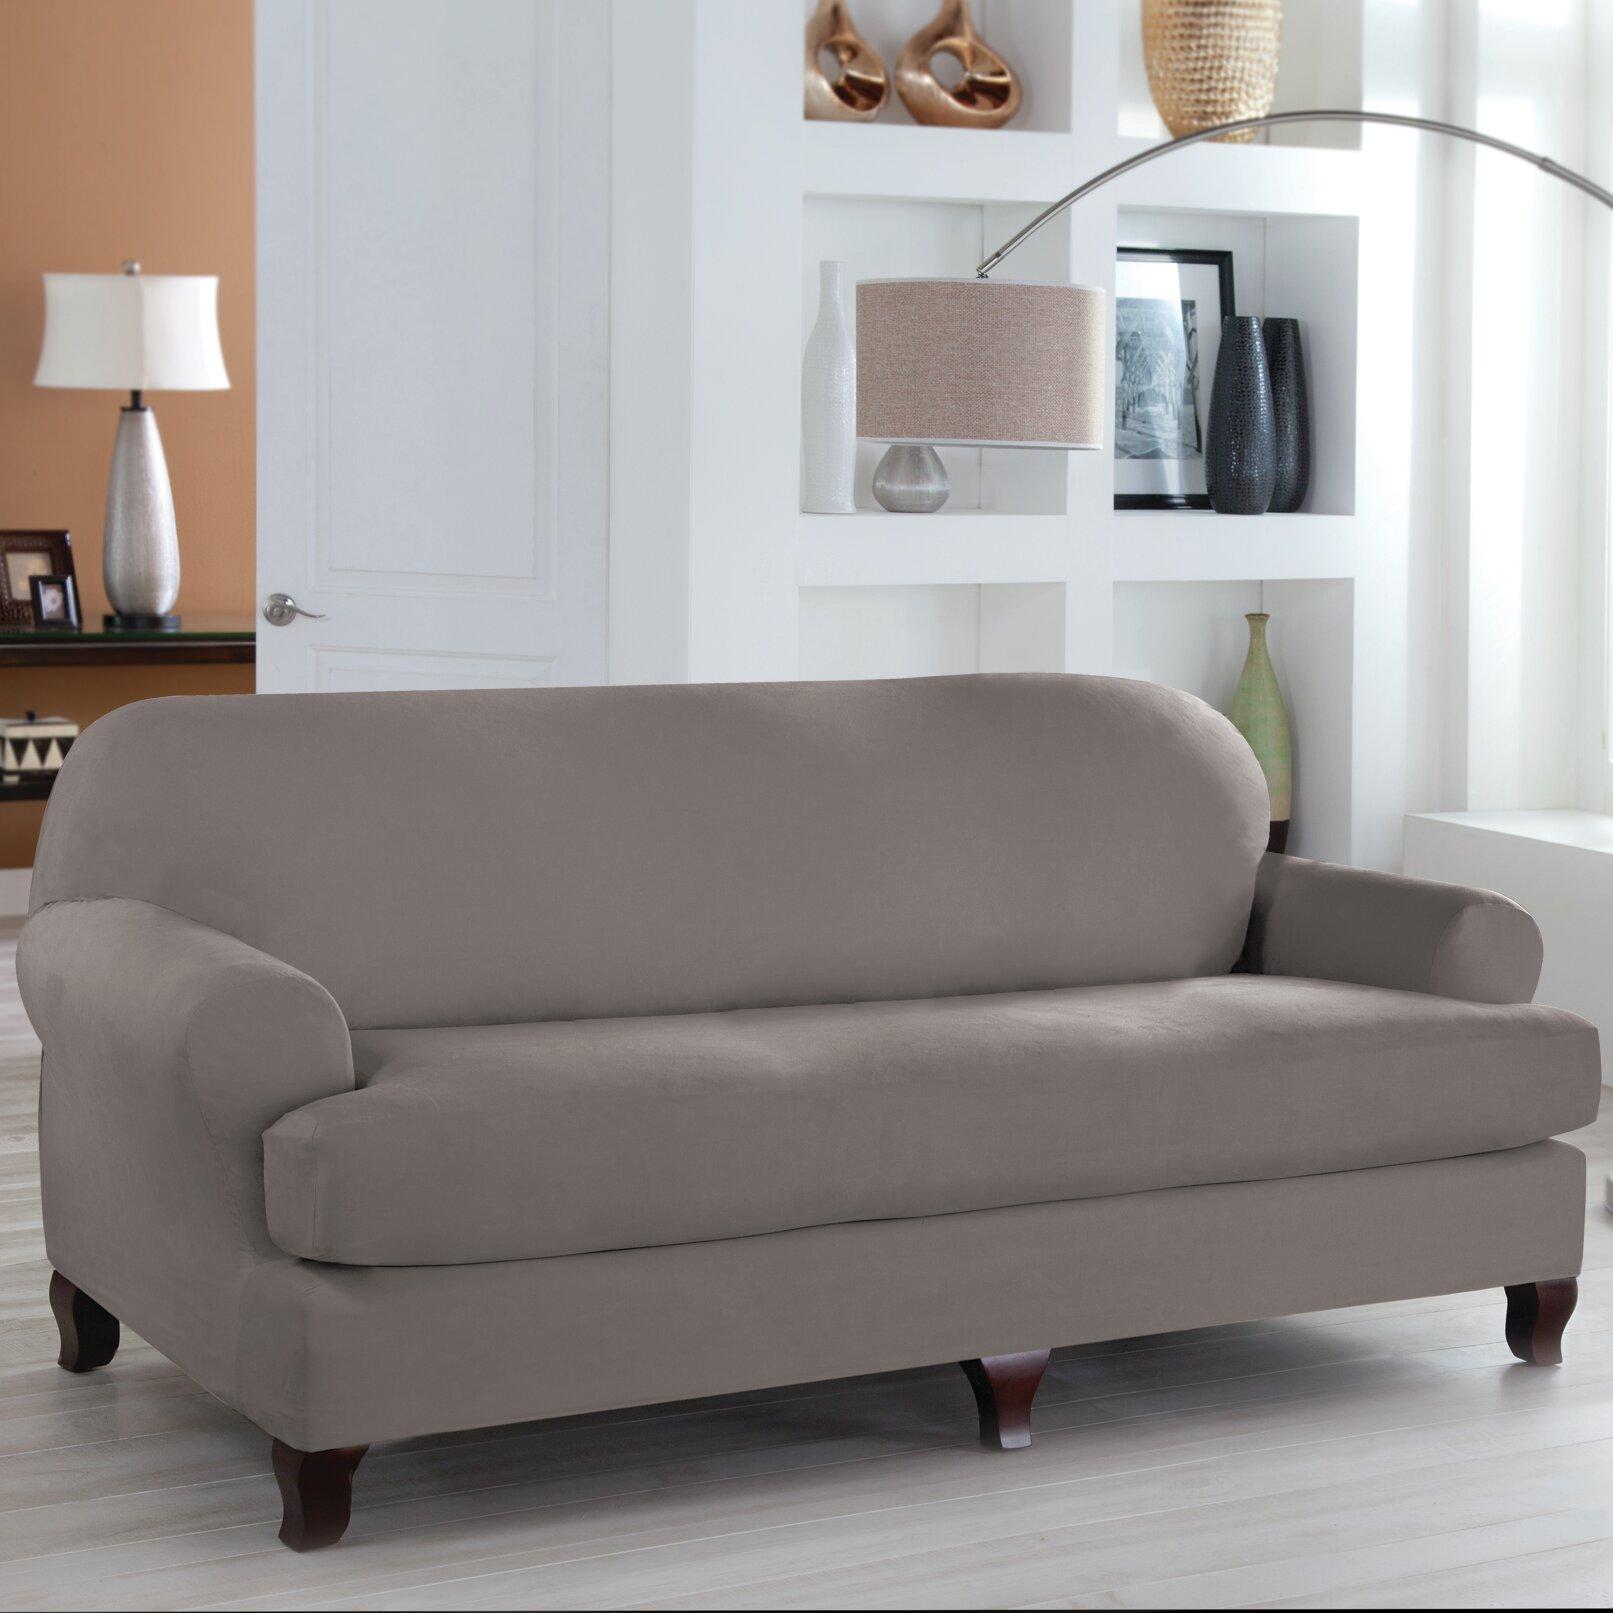 3 Piece Sofa Slipcover Instasofa